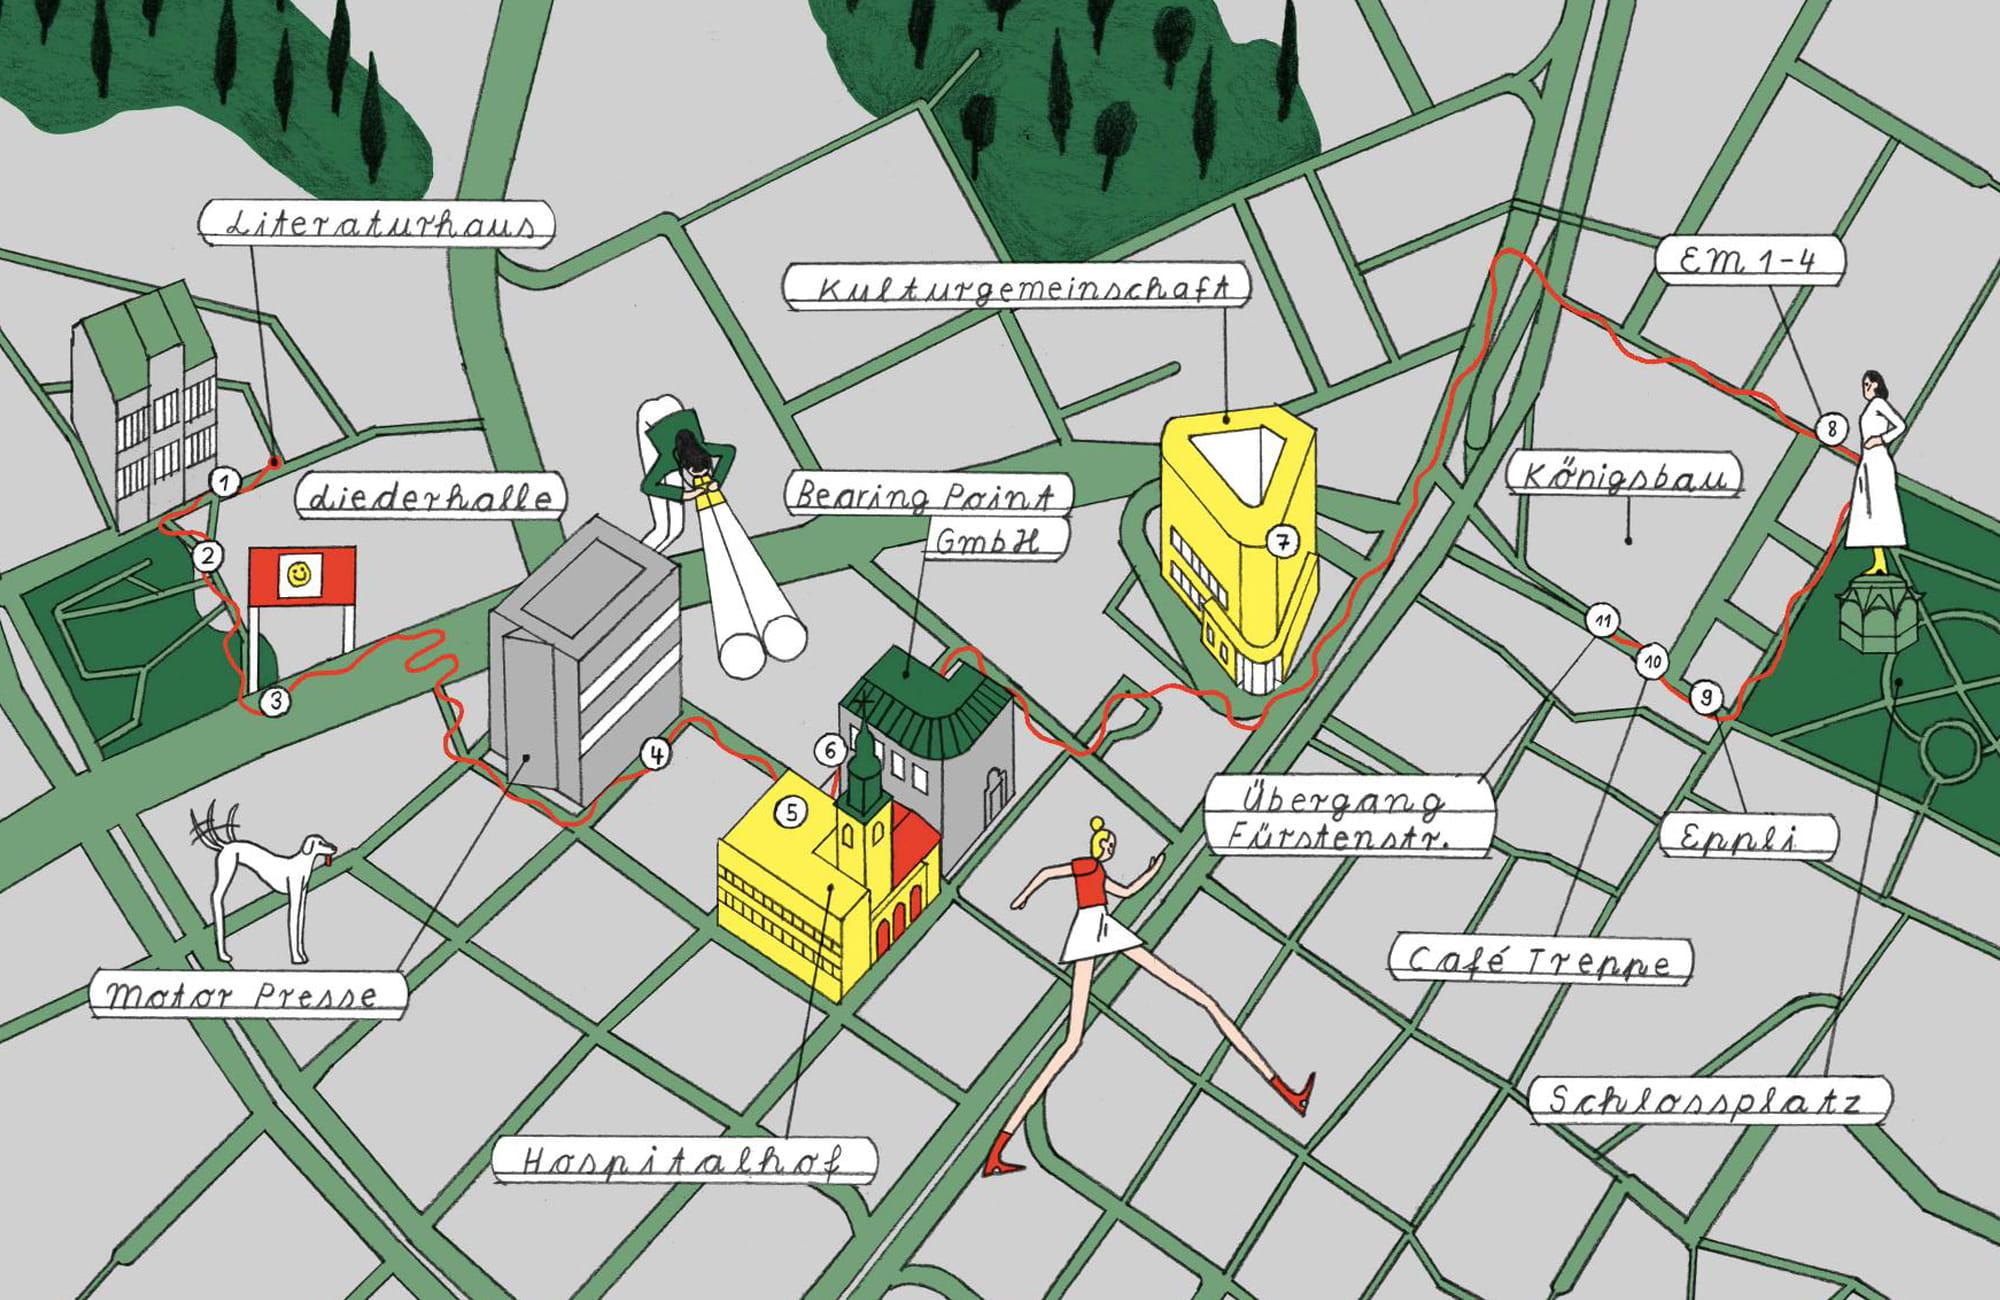 Vom Literaturhaus zum Schlossplatz: Ein Comic in der Stadt